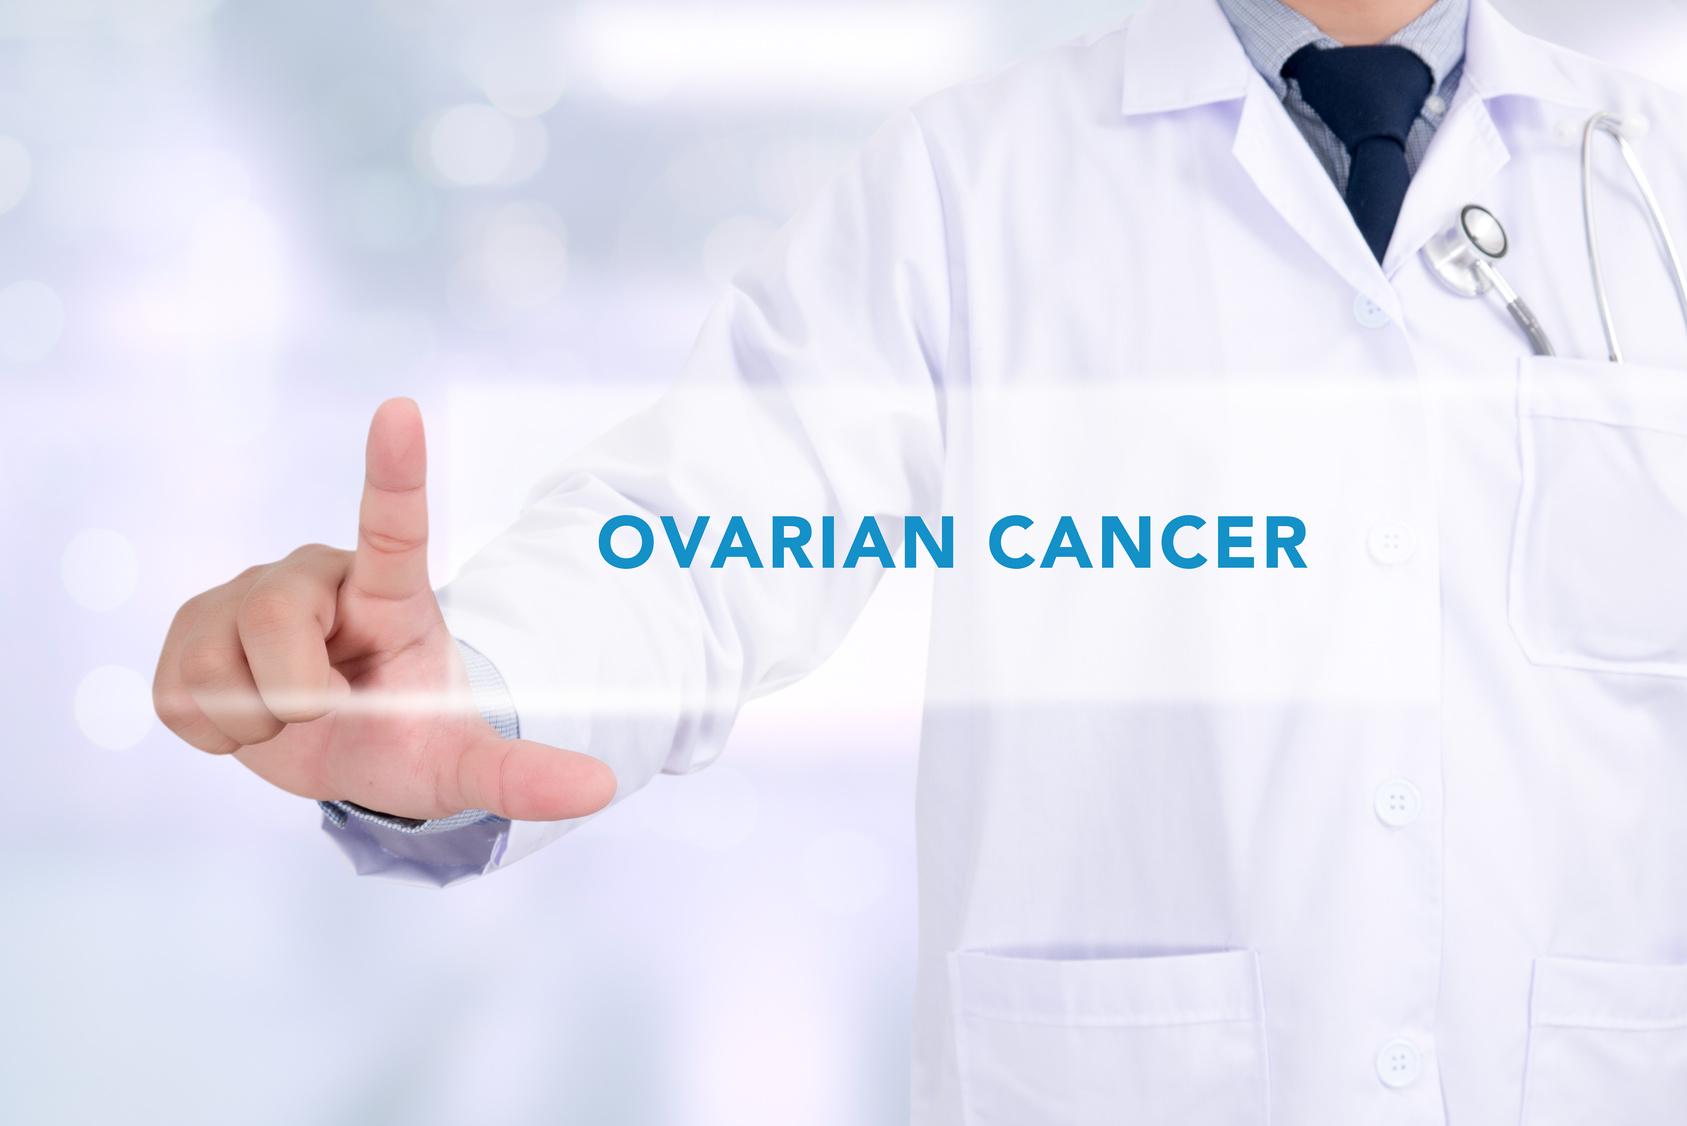 卵巣がんは初期症状が現れにくいため発見が難しい病気の一つです